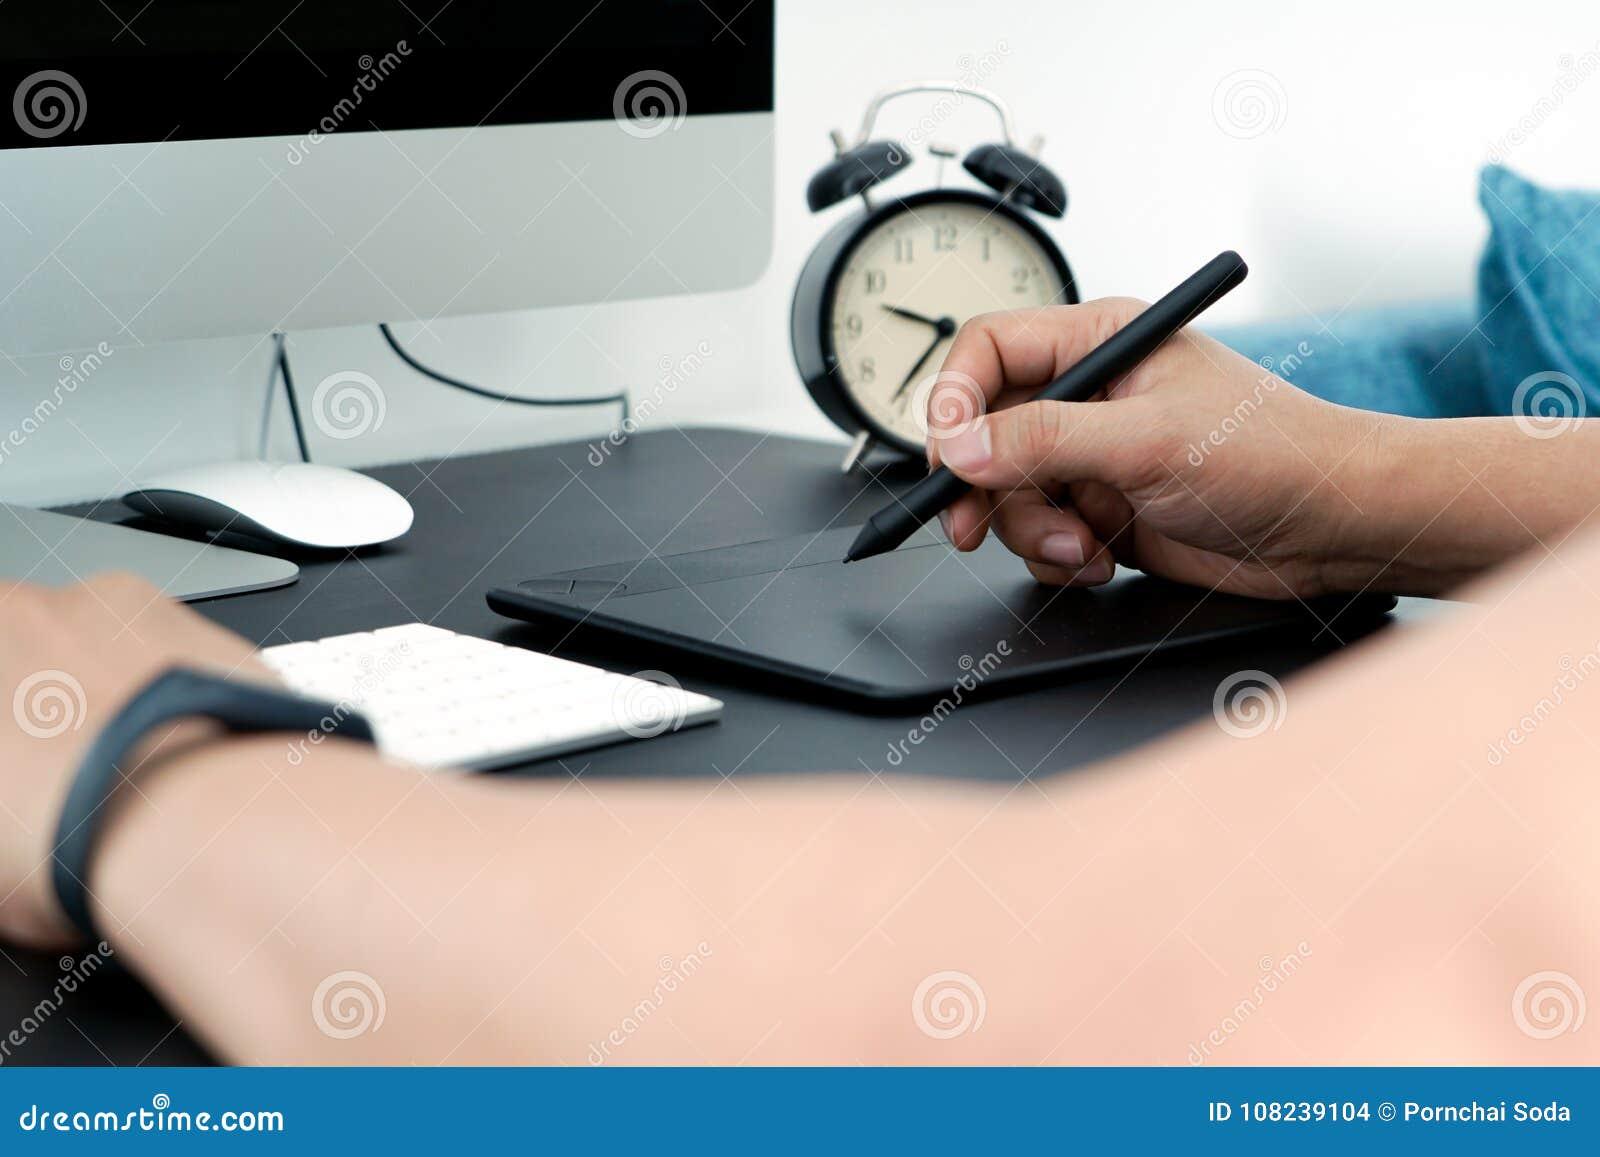 集中于研究计算机的繁忙的图表设计师在数字式笔老鼠旁边